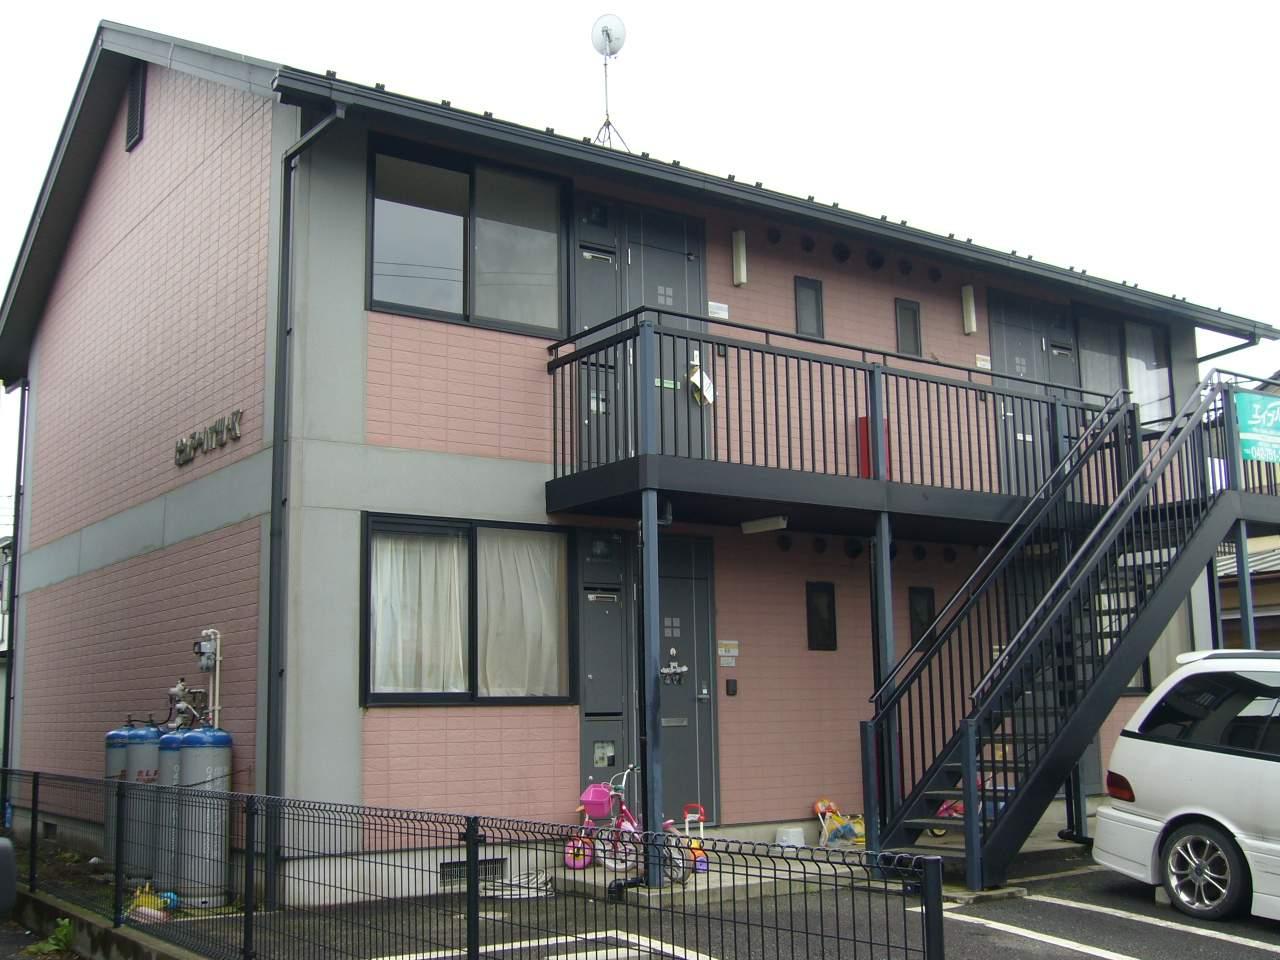 神奈川県相模原市南区、下溝駅徒歩17分の築19年 2階建の賃貸アパート